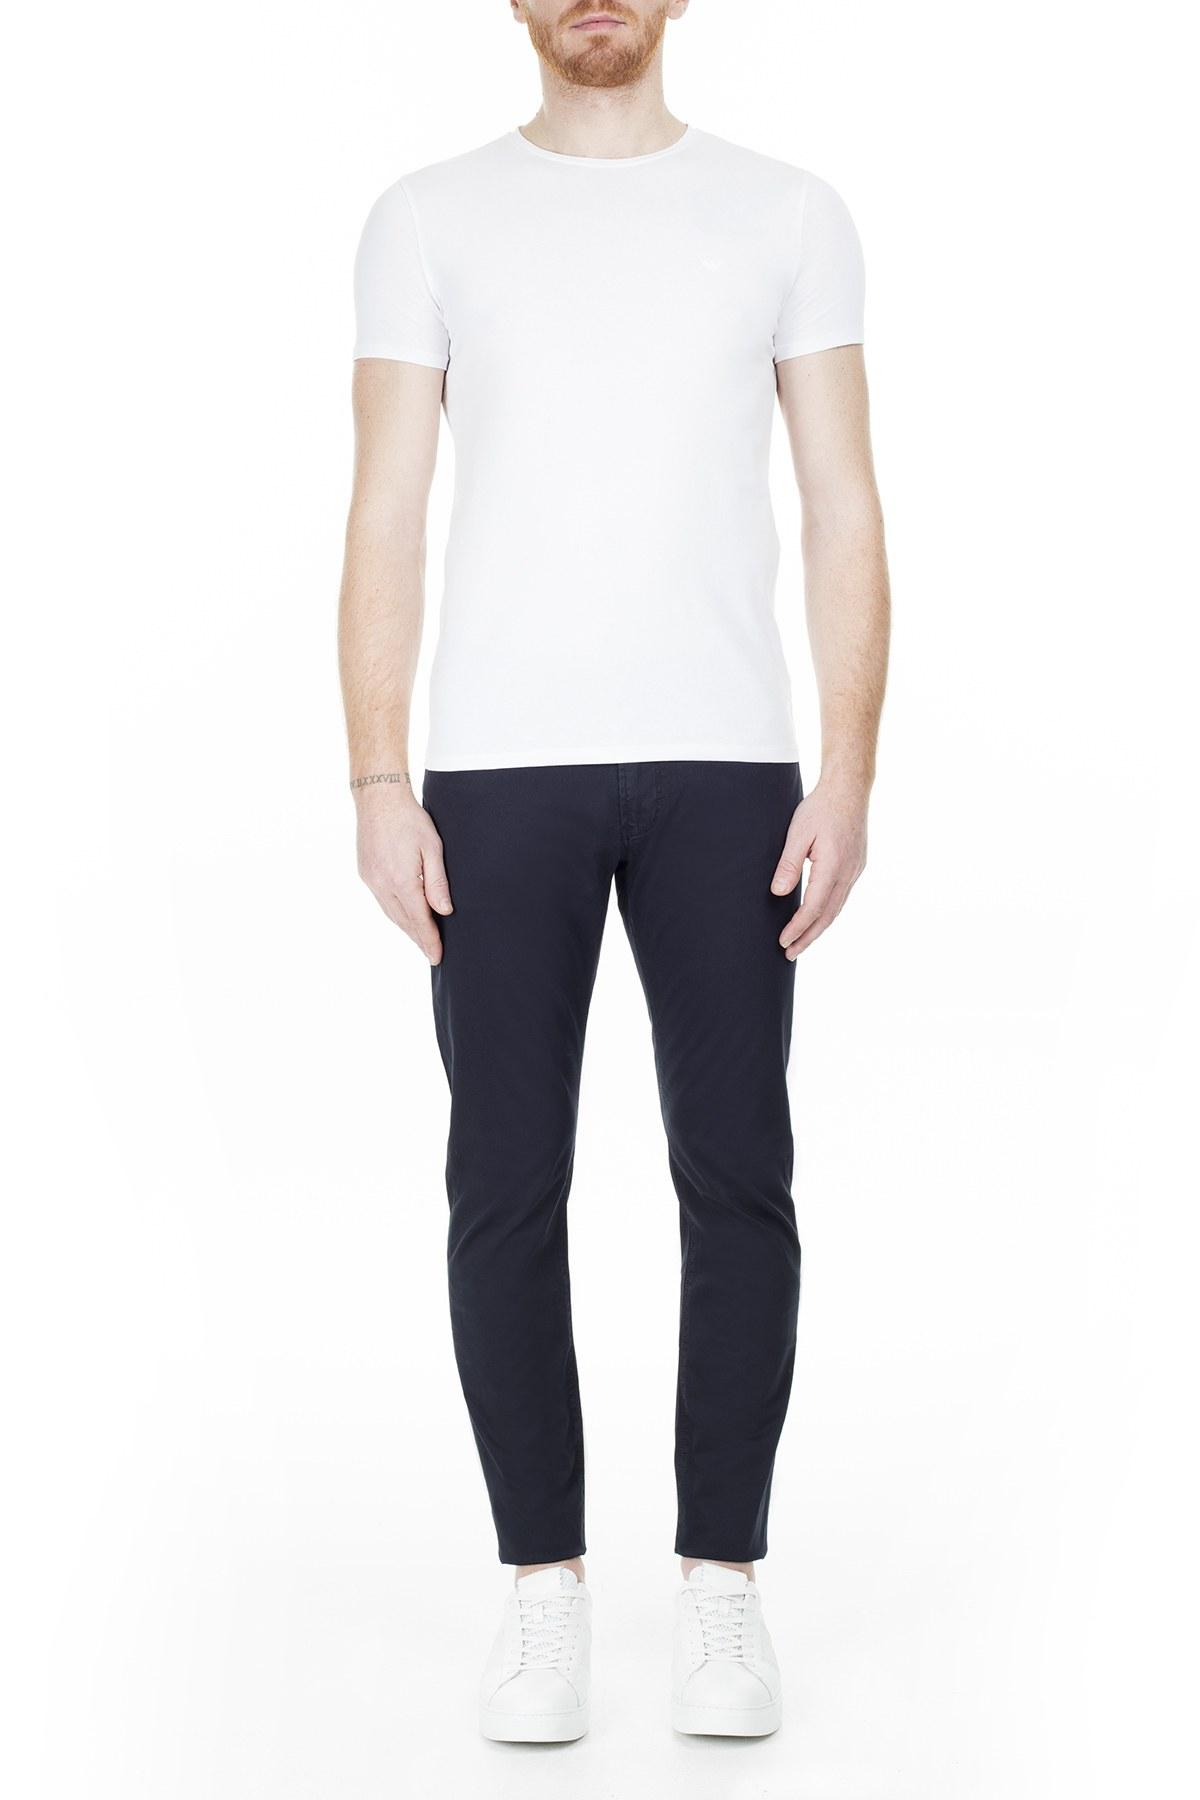 Emporio Armani J06 Jeans Erkek Pamuklu Pantolon 3H1J06 1NEDZ 0922 LACİVERT